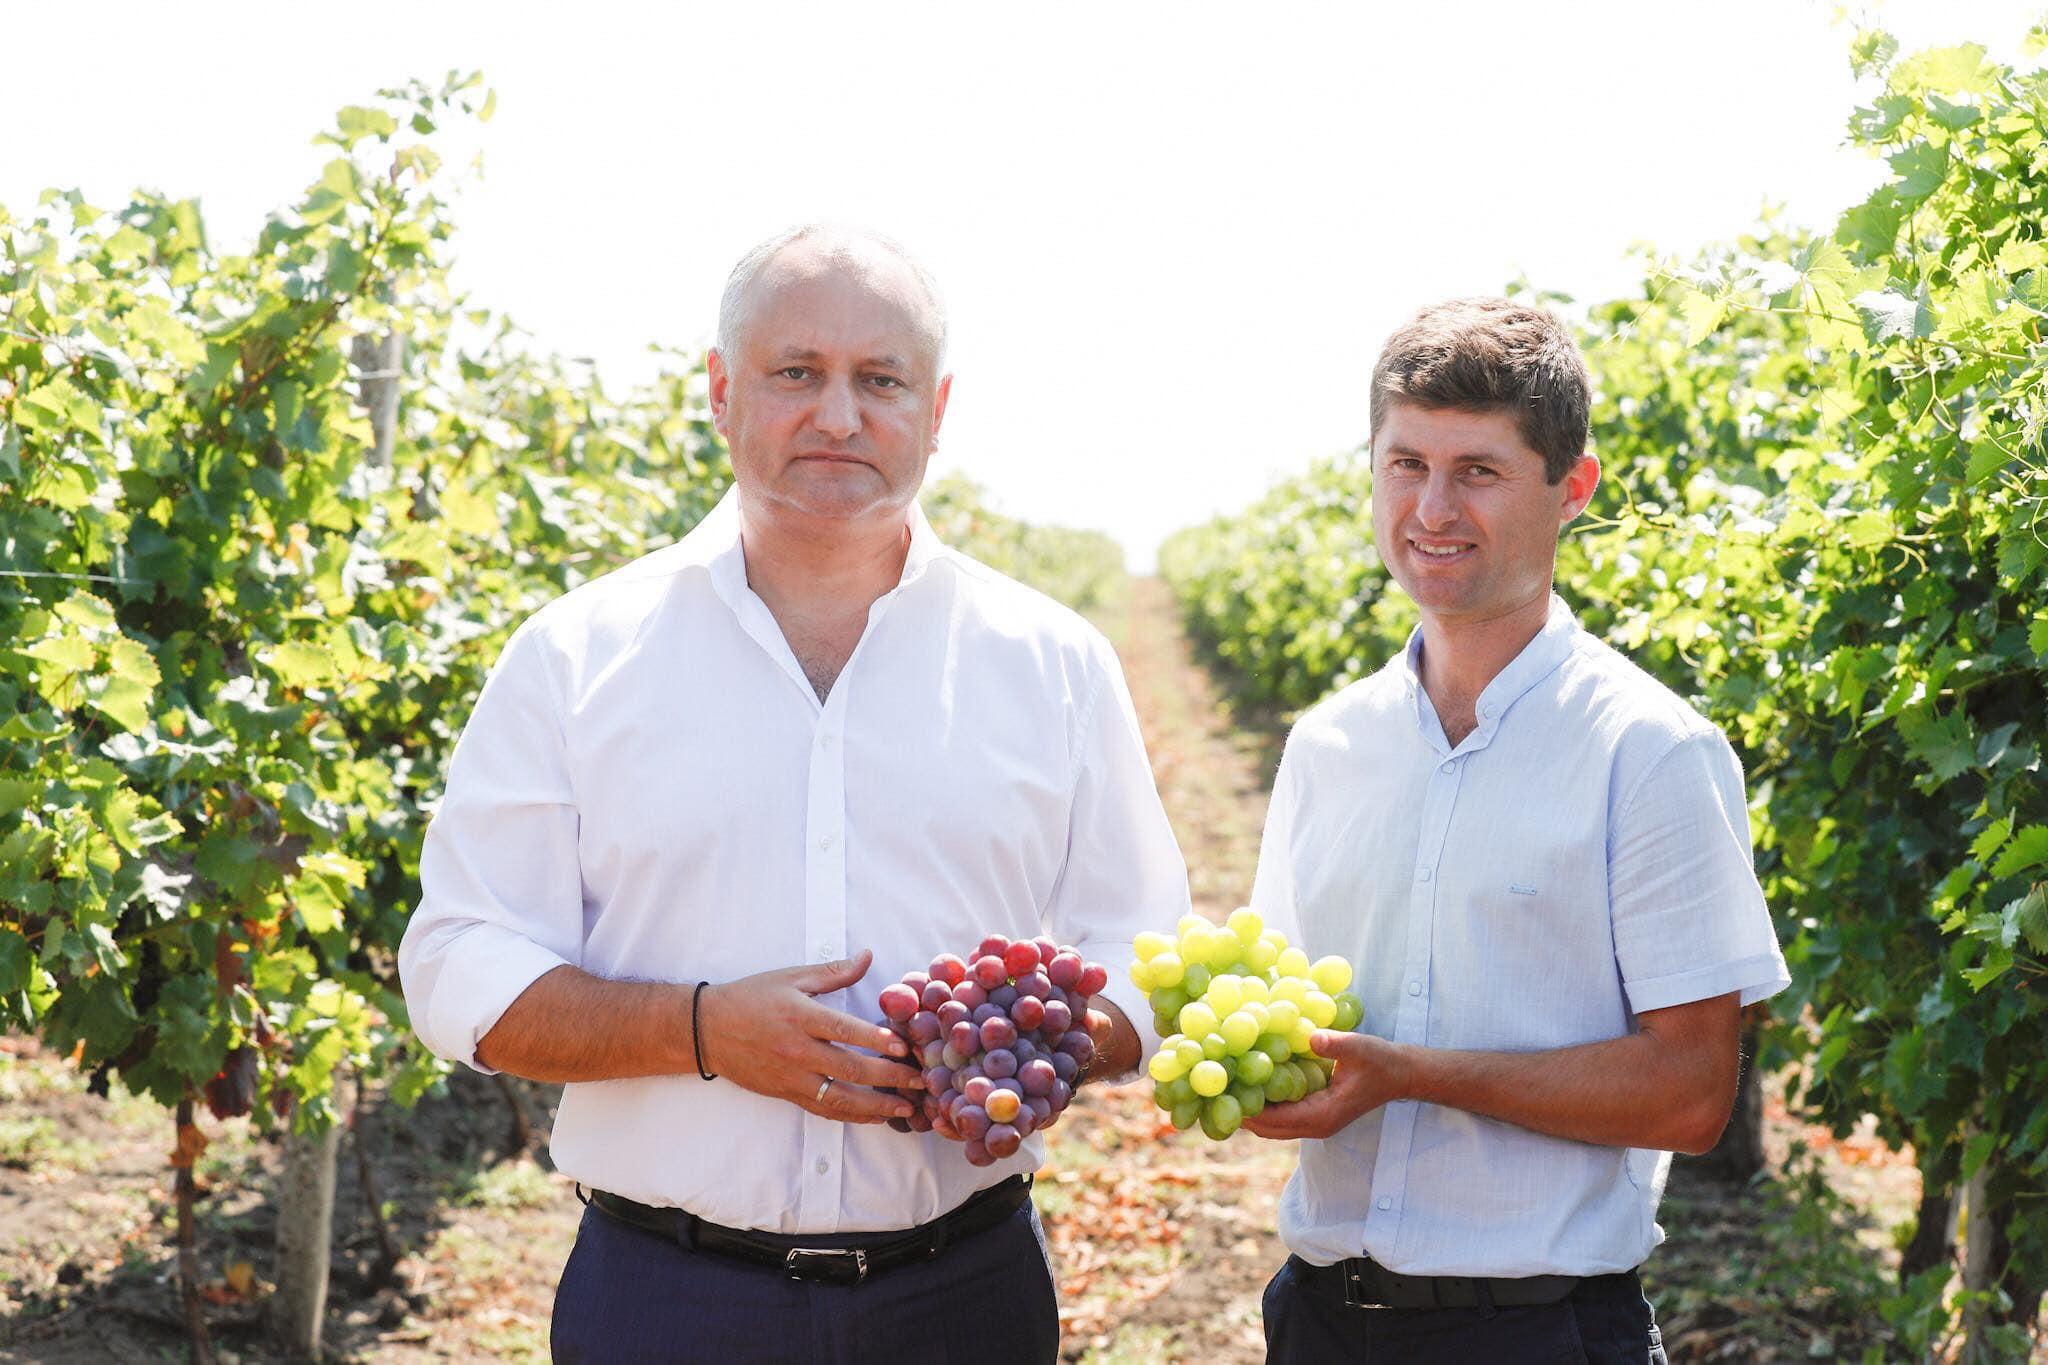 Додон: Убежден, что у сельского хозяйства Молдовы есть будущее! (ФОТО, ВИДЕО)